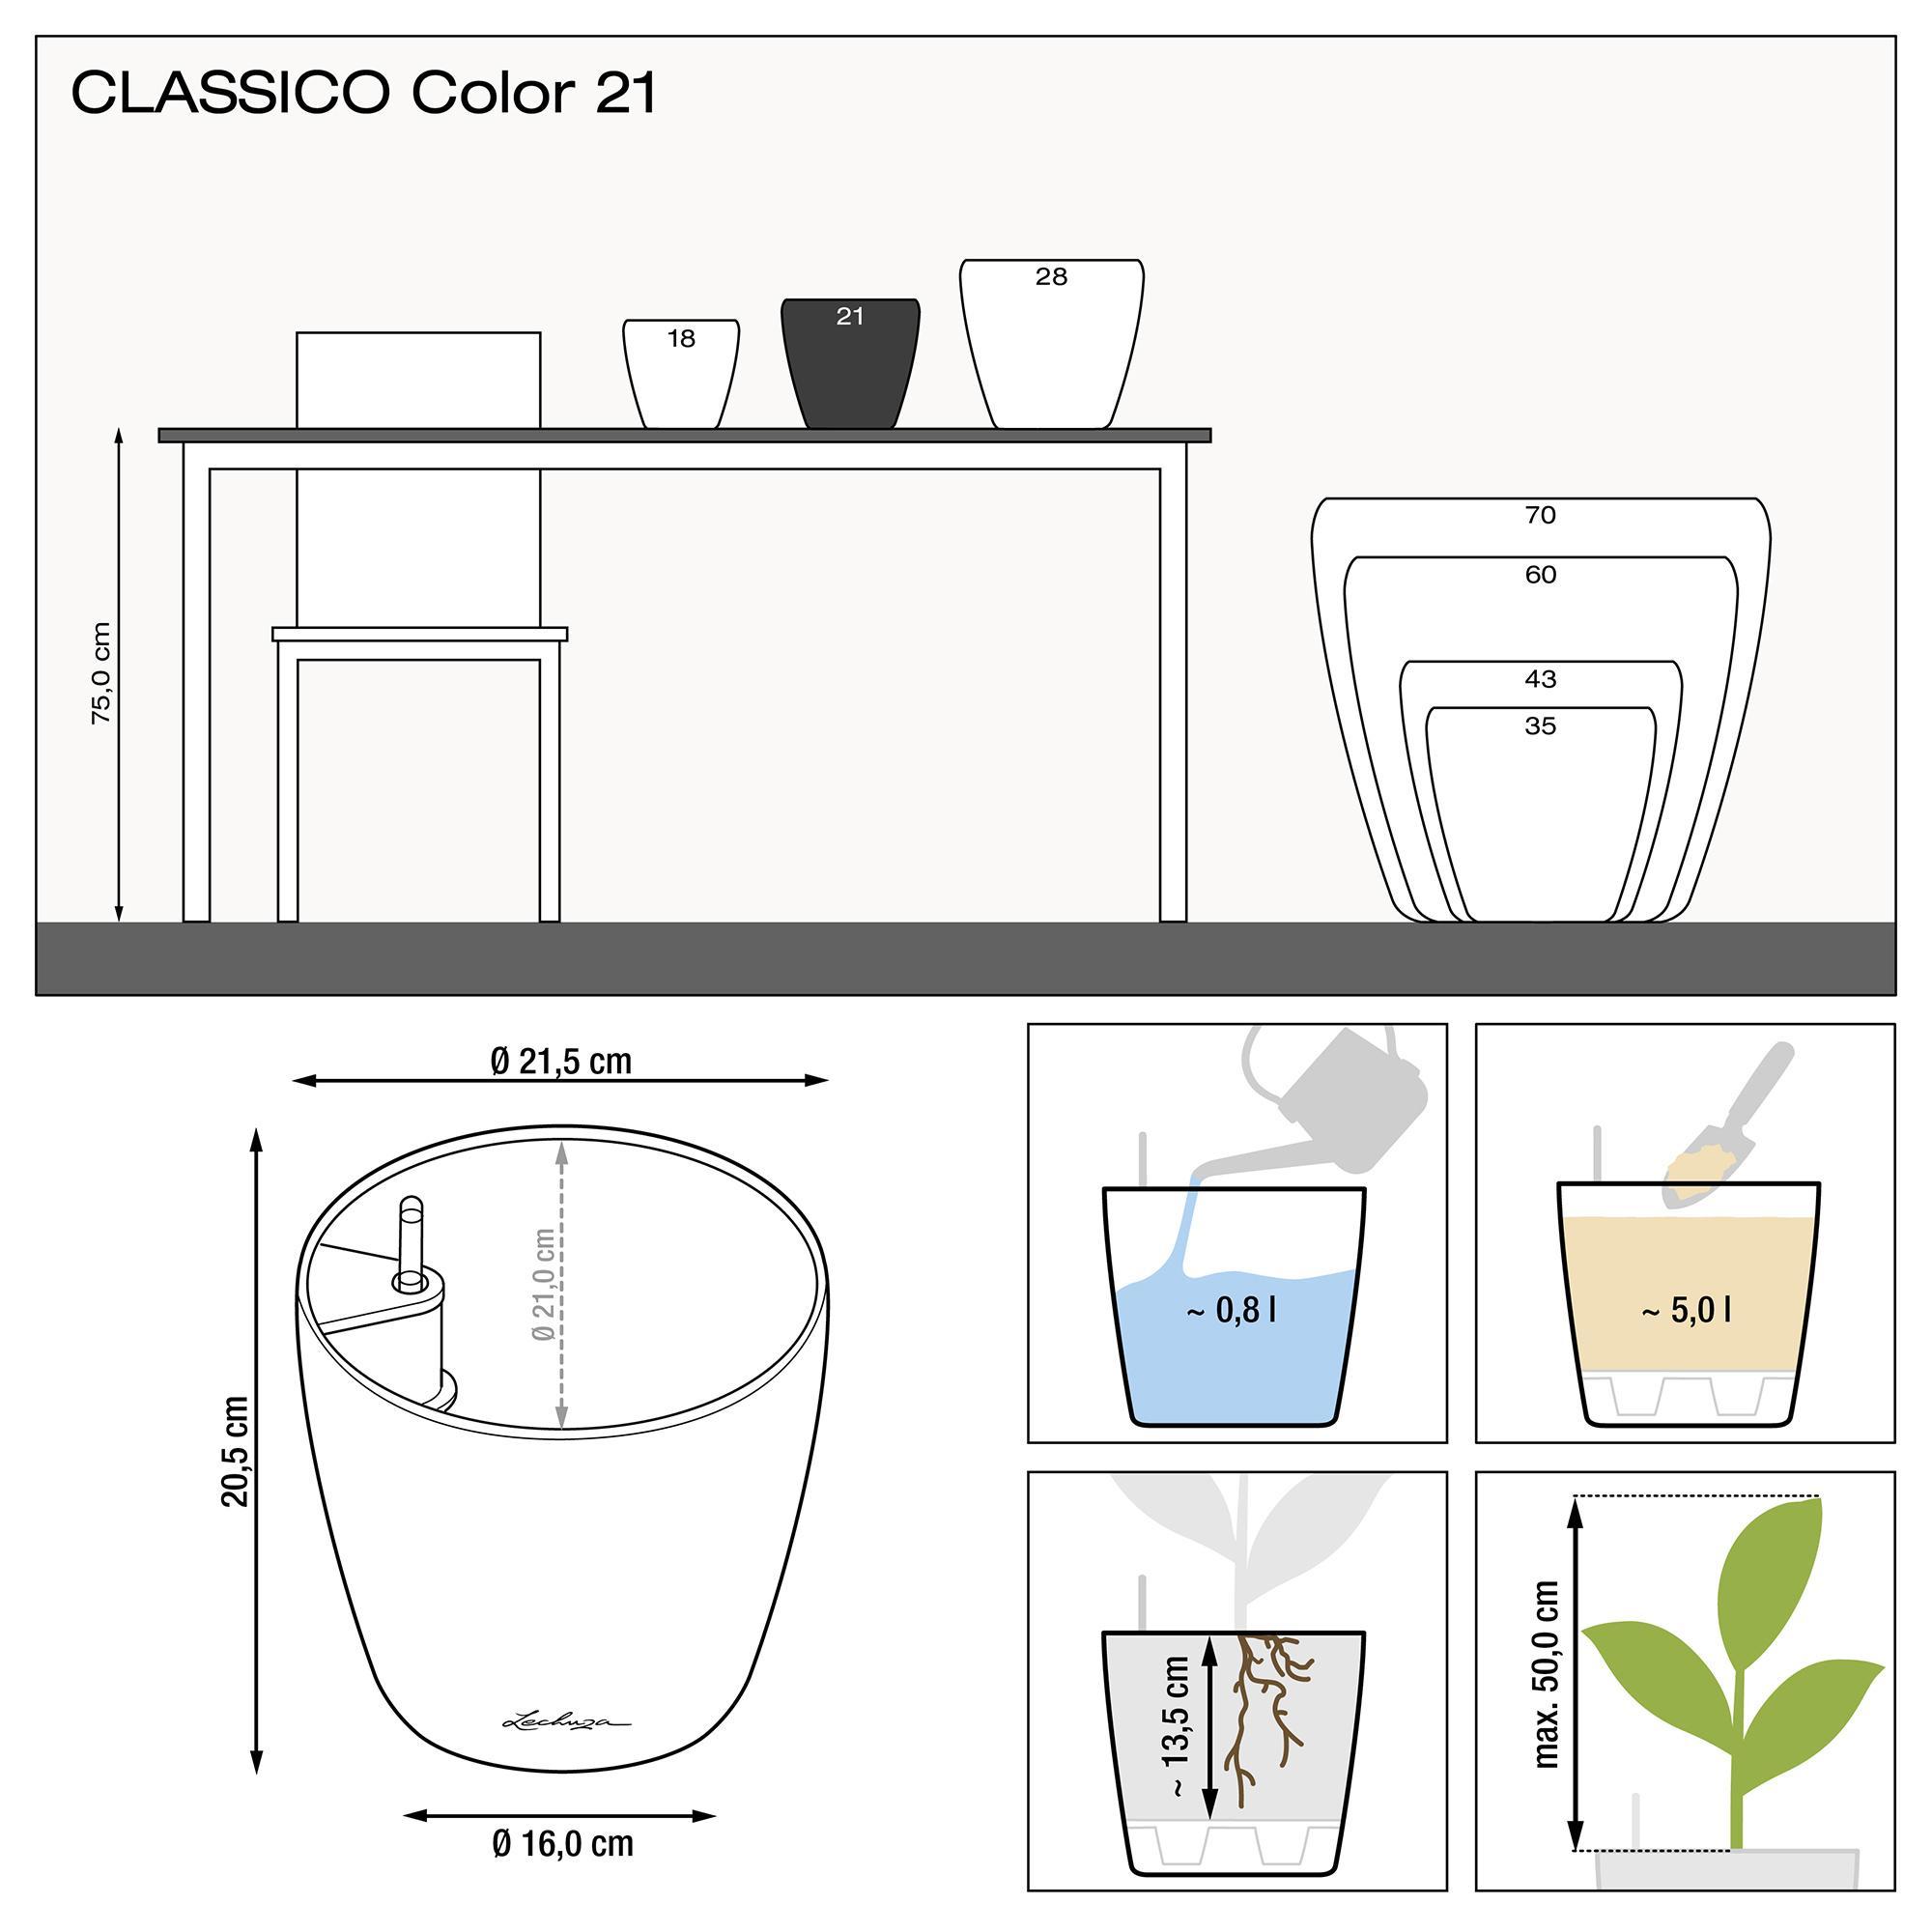 CLASSICO Color 21 noce moscata - Immagine 2